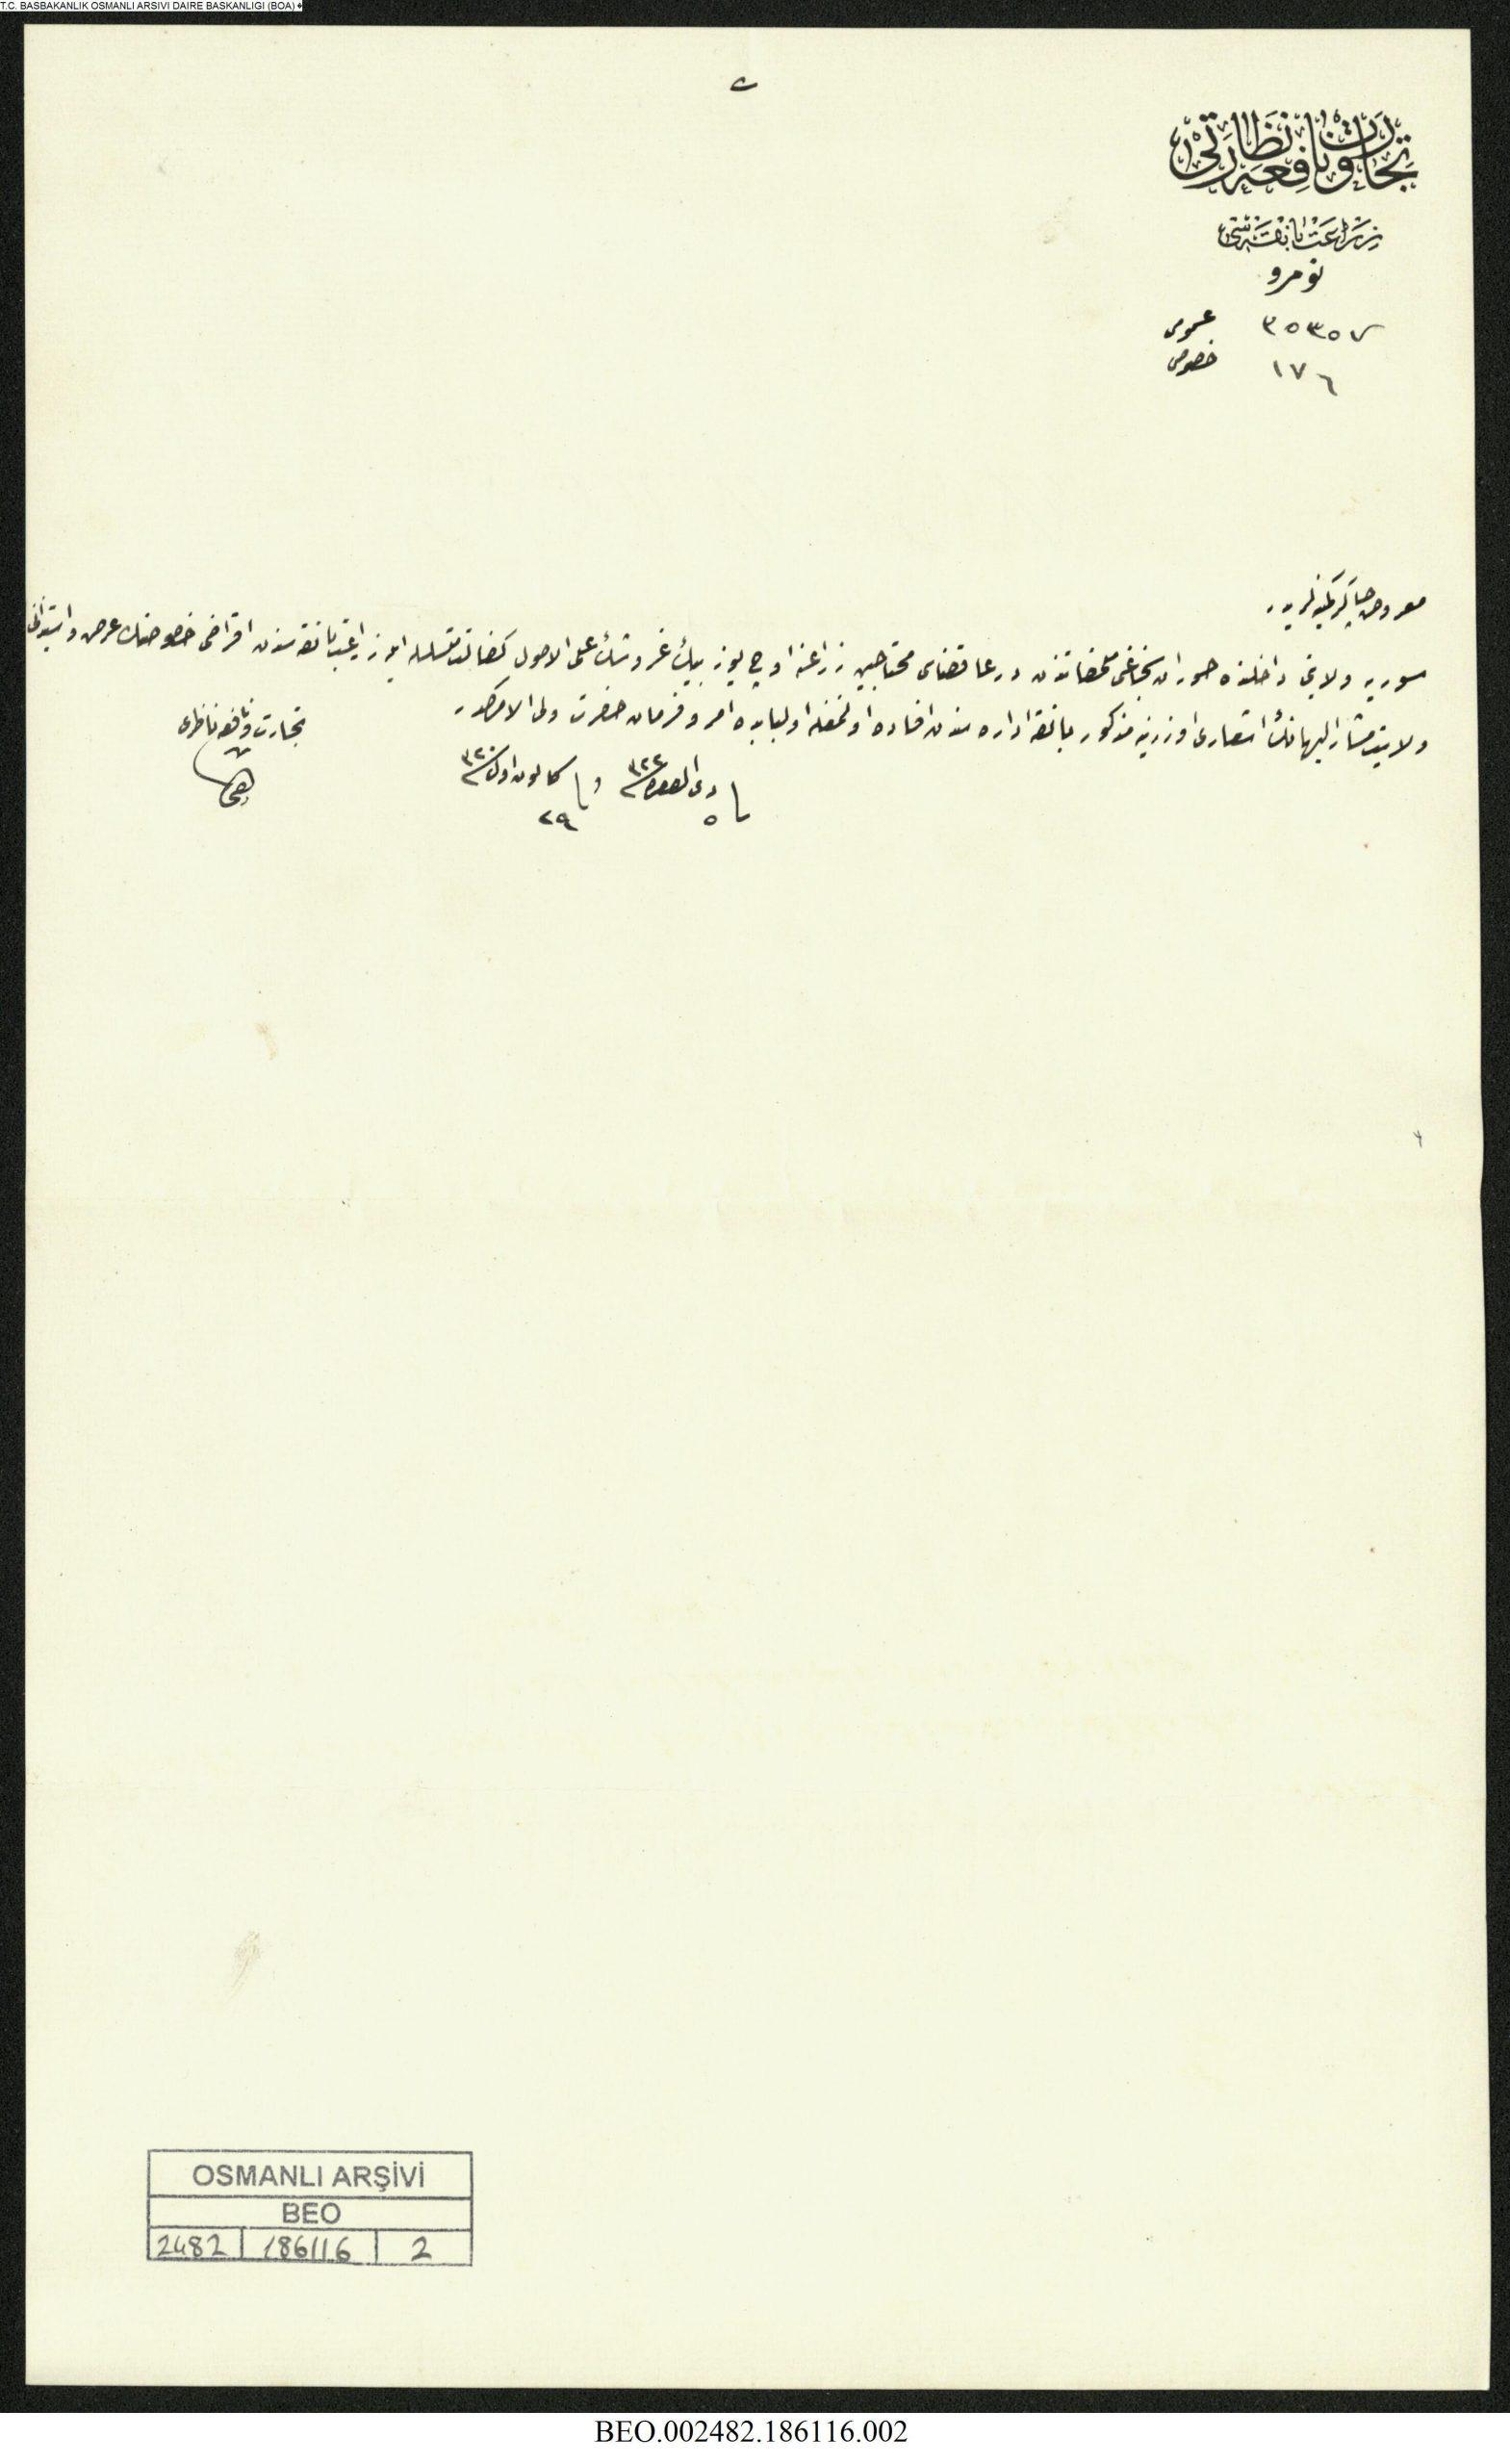 من الأرشيف العثماني 1905- إقراض المزارعين في درعا 300 ألف قرش عثماني من البنك الزراعي